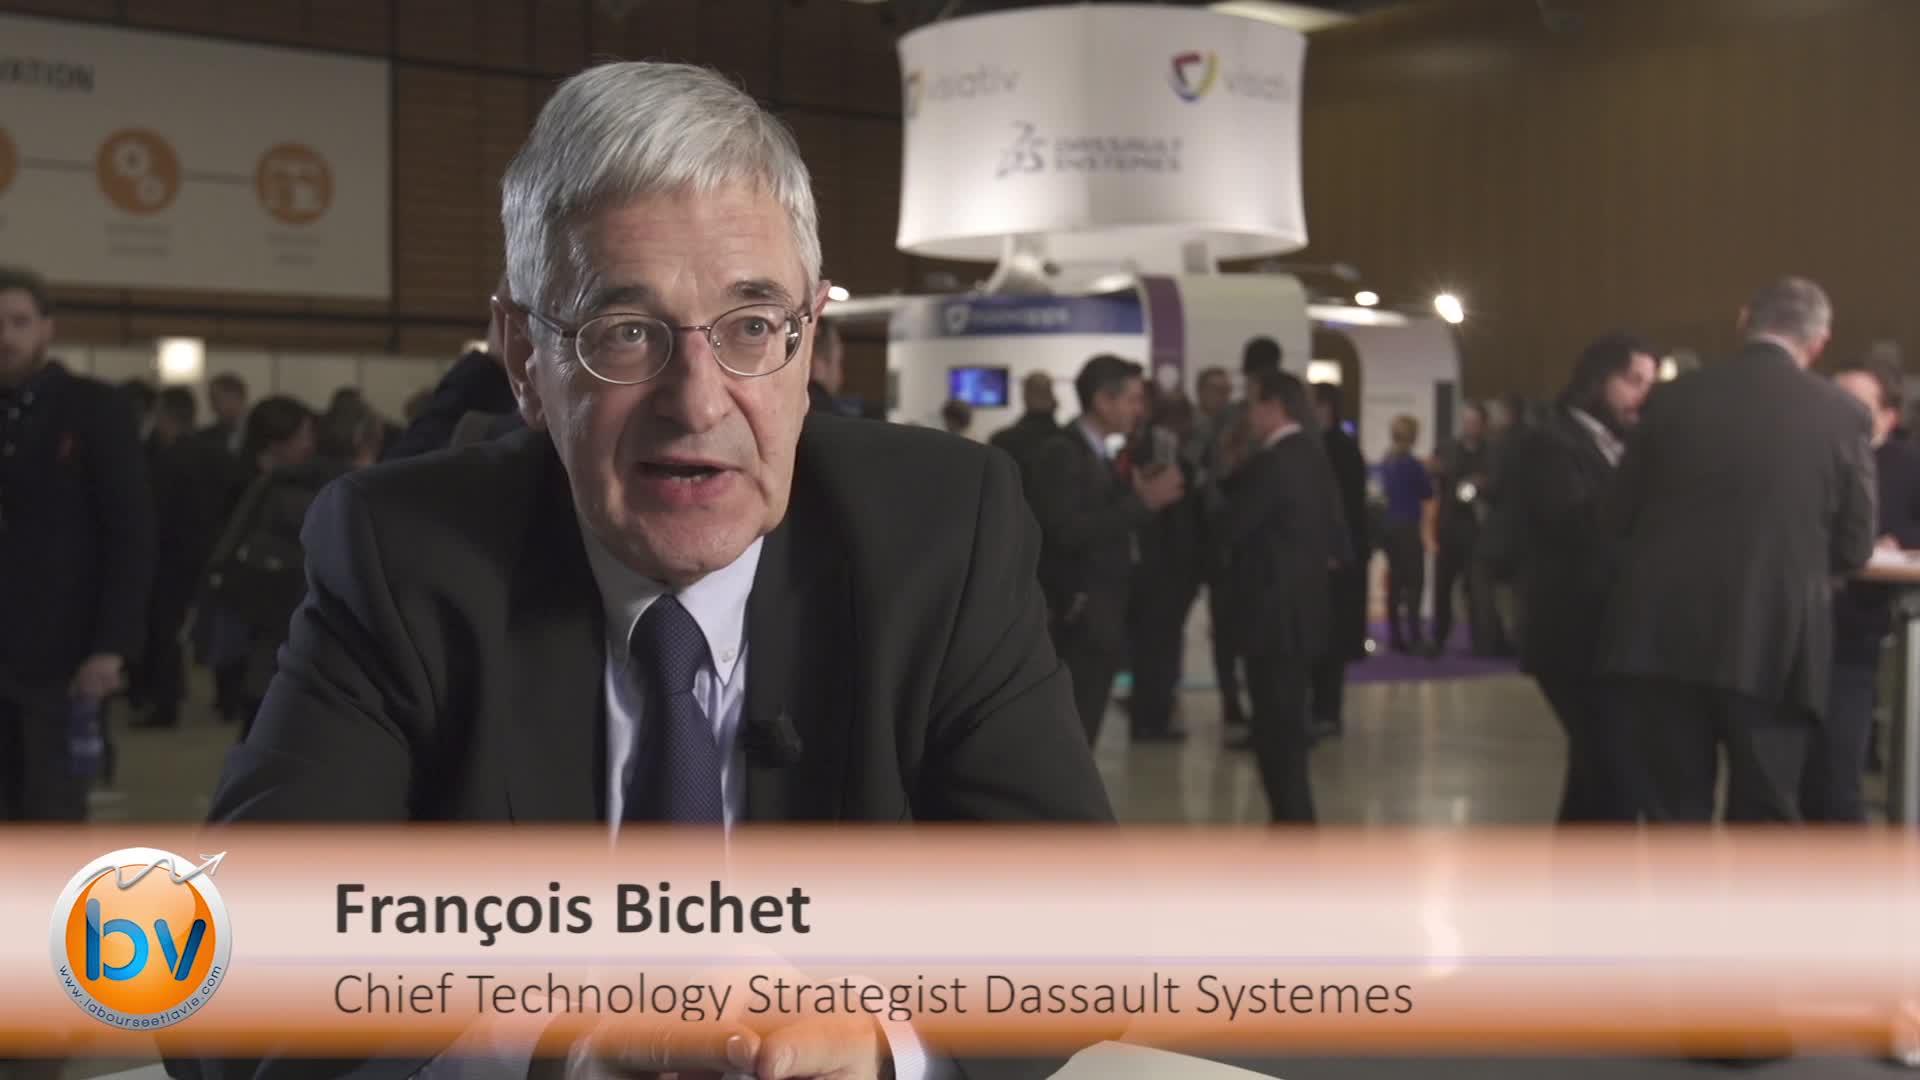 """François Bichet Chief Technology Strategist Dassault Systèmes : """"Des entreprises qui se recomposent en permanence"""""""